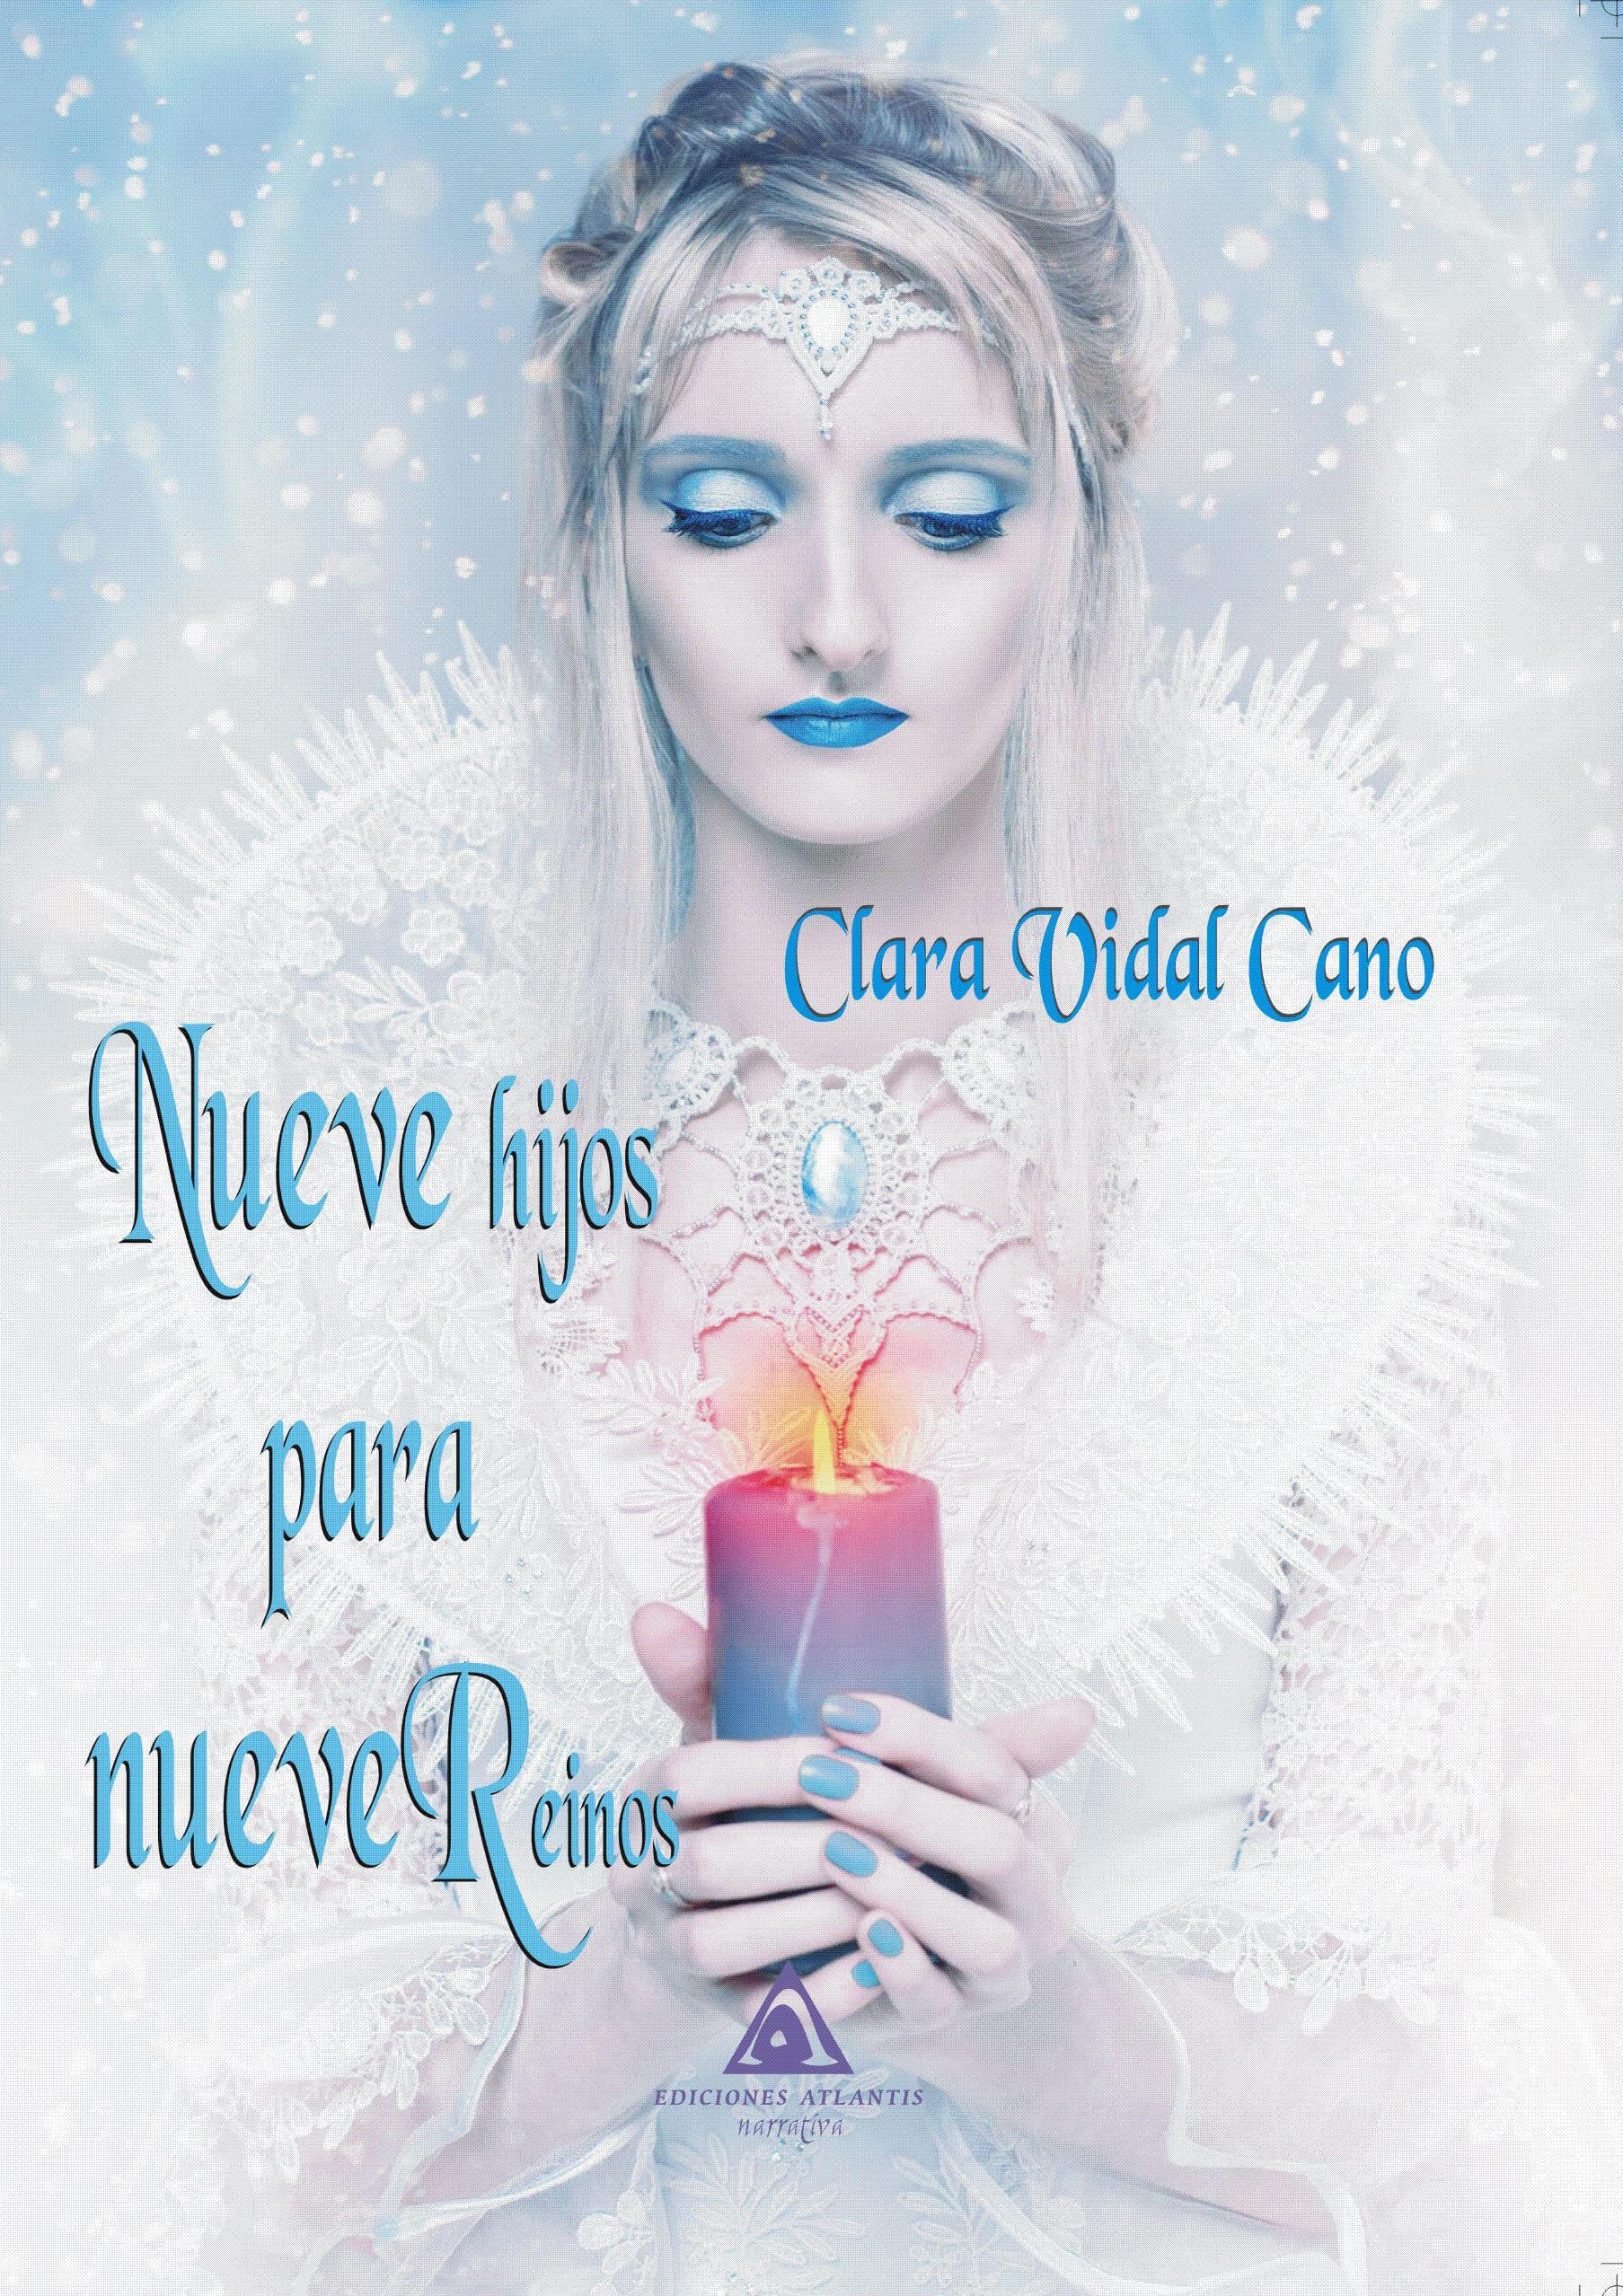 Nueve hijos para nueve reinos, una novela de Clara Vidal Cano